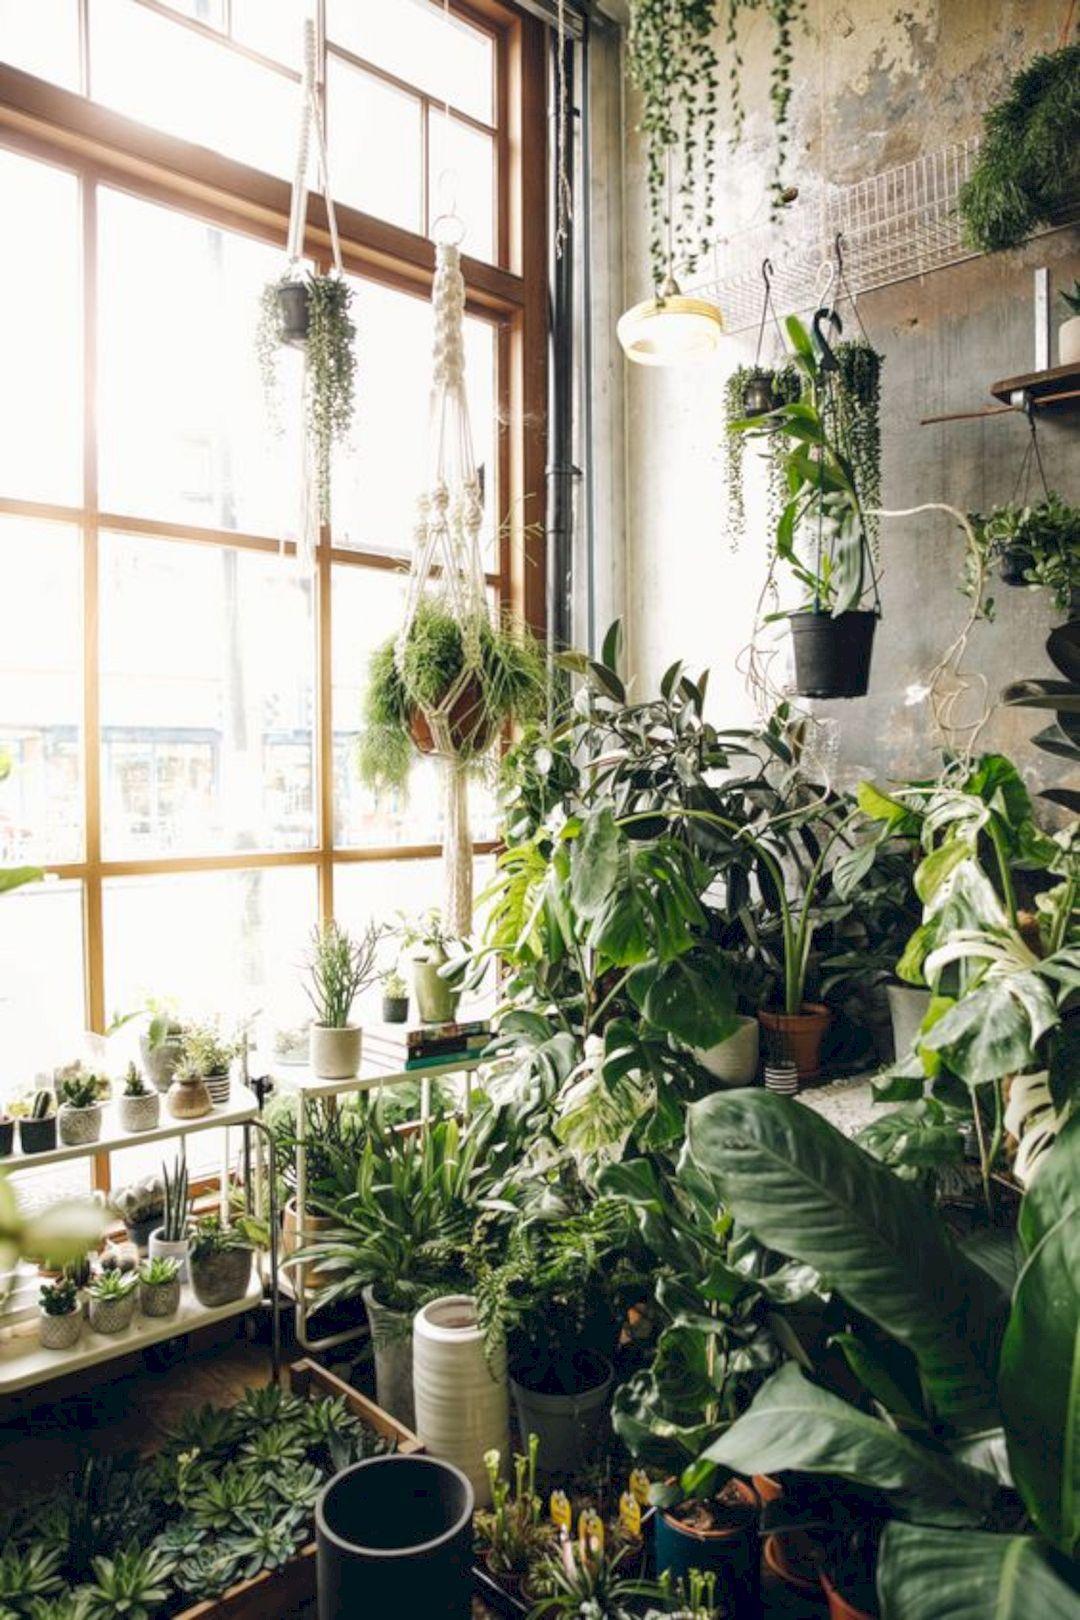 18 small conservatory interior design ideas https www futuristarchitecture com